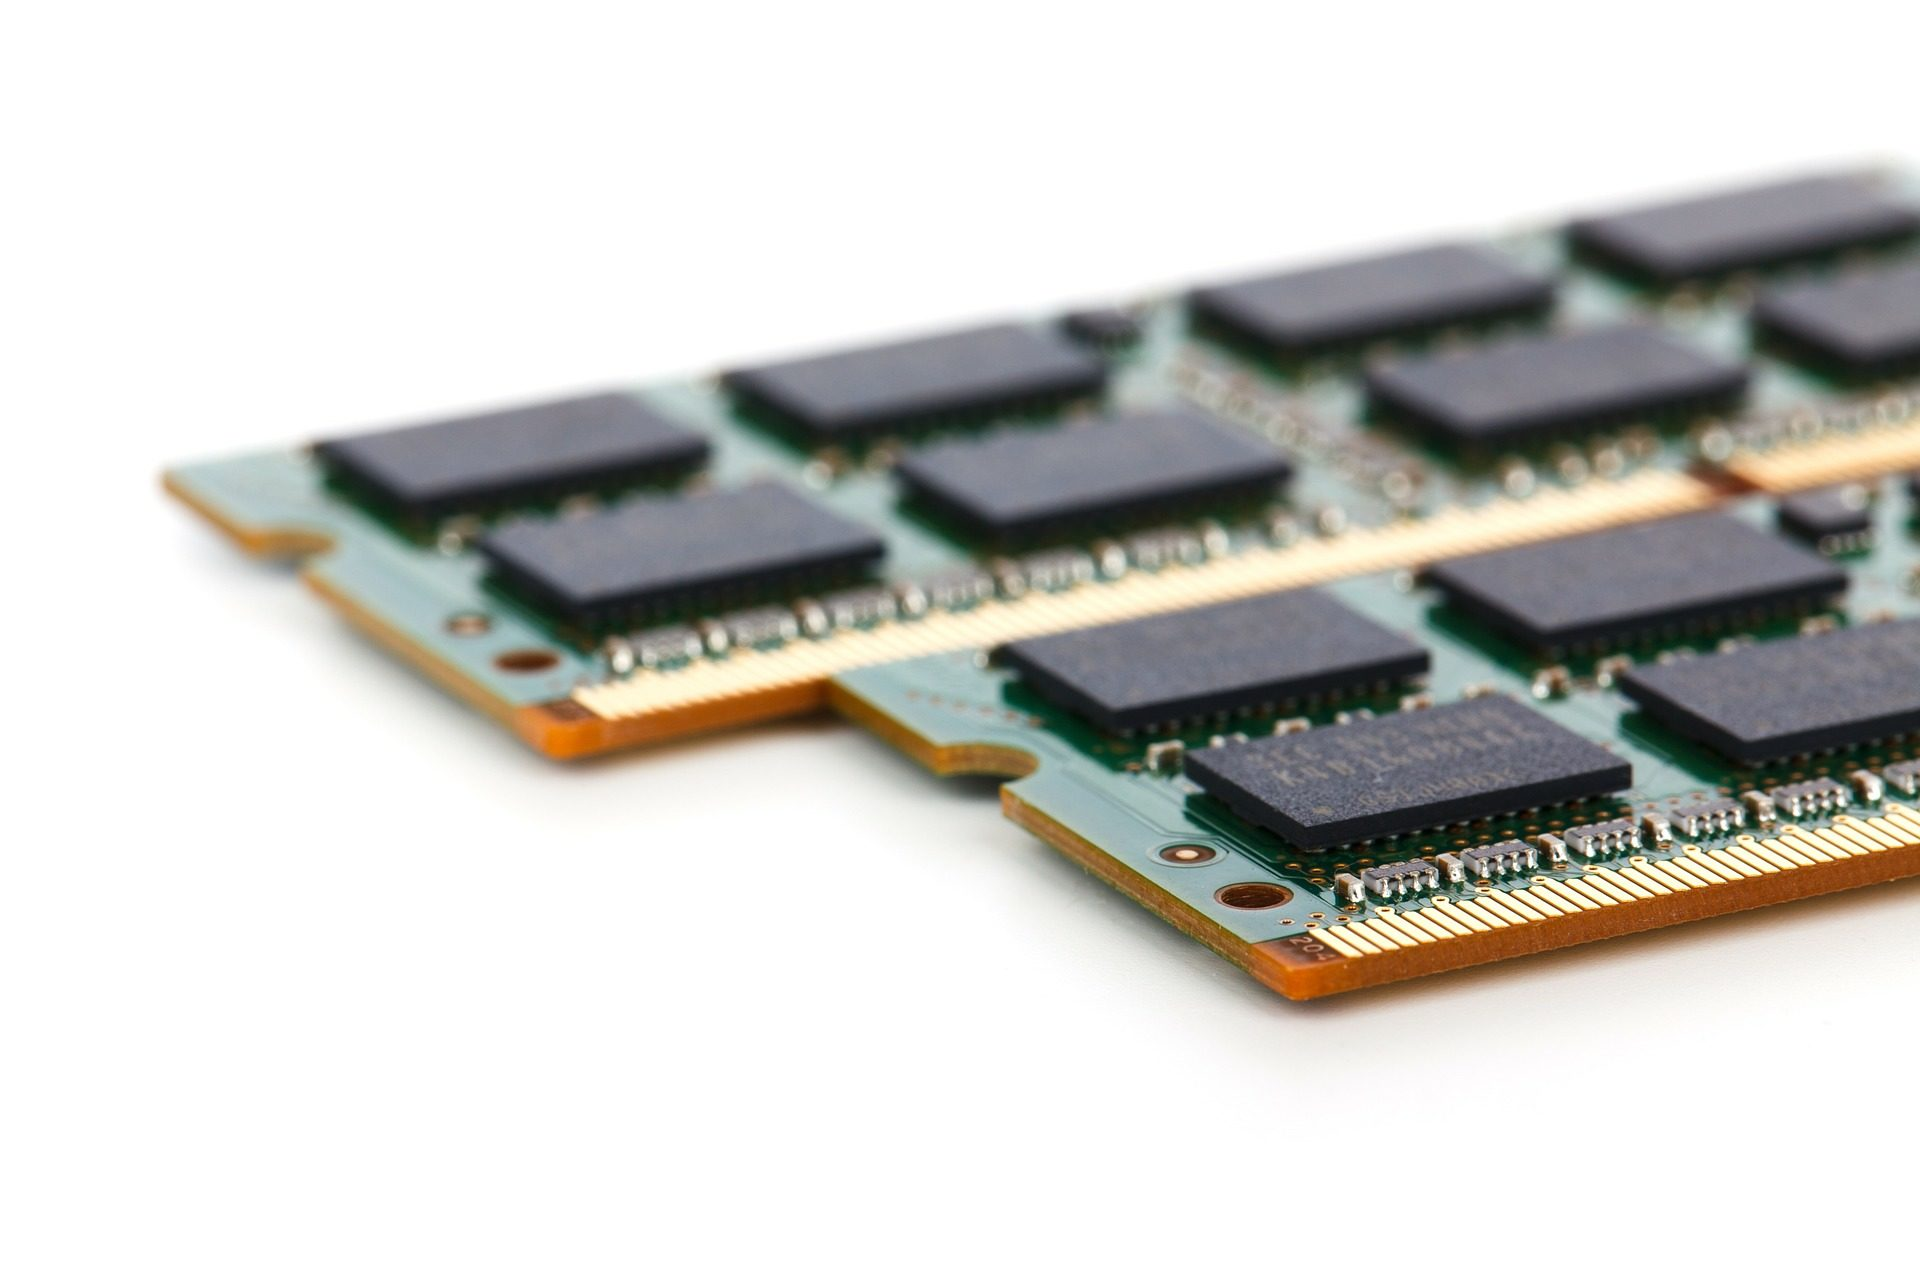 memorias, chips, tarjetas, datos, electrónica - Fondos de Pantalla HD - professor-falken.com